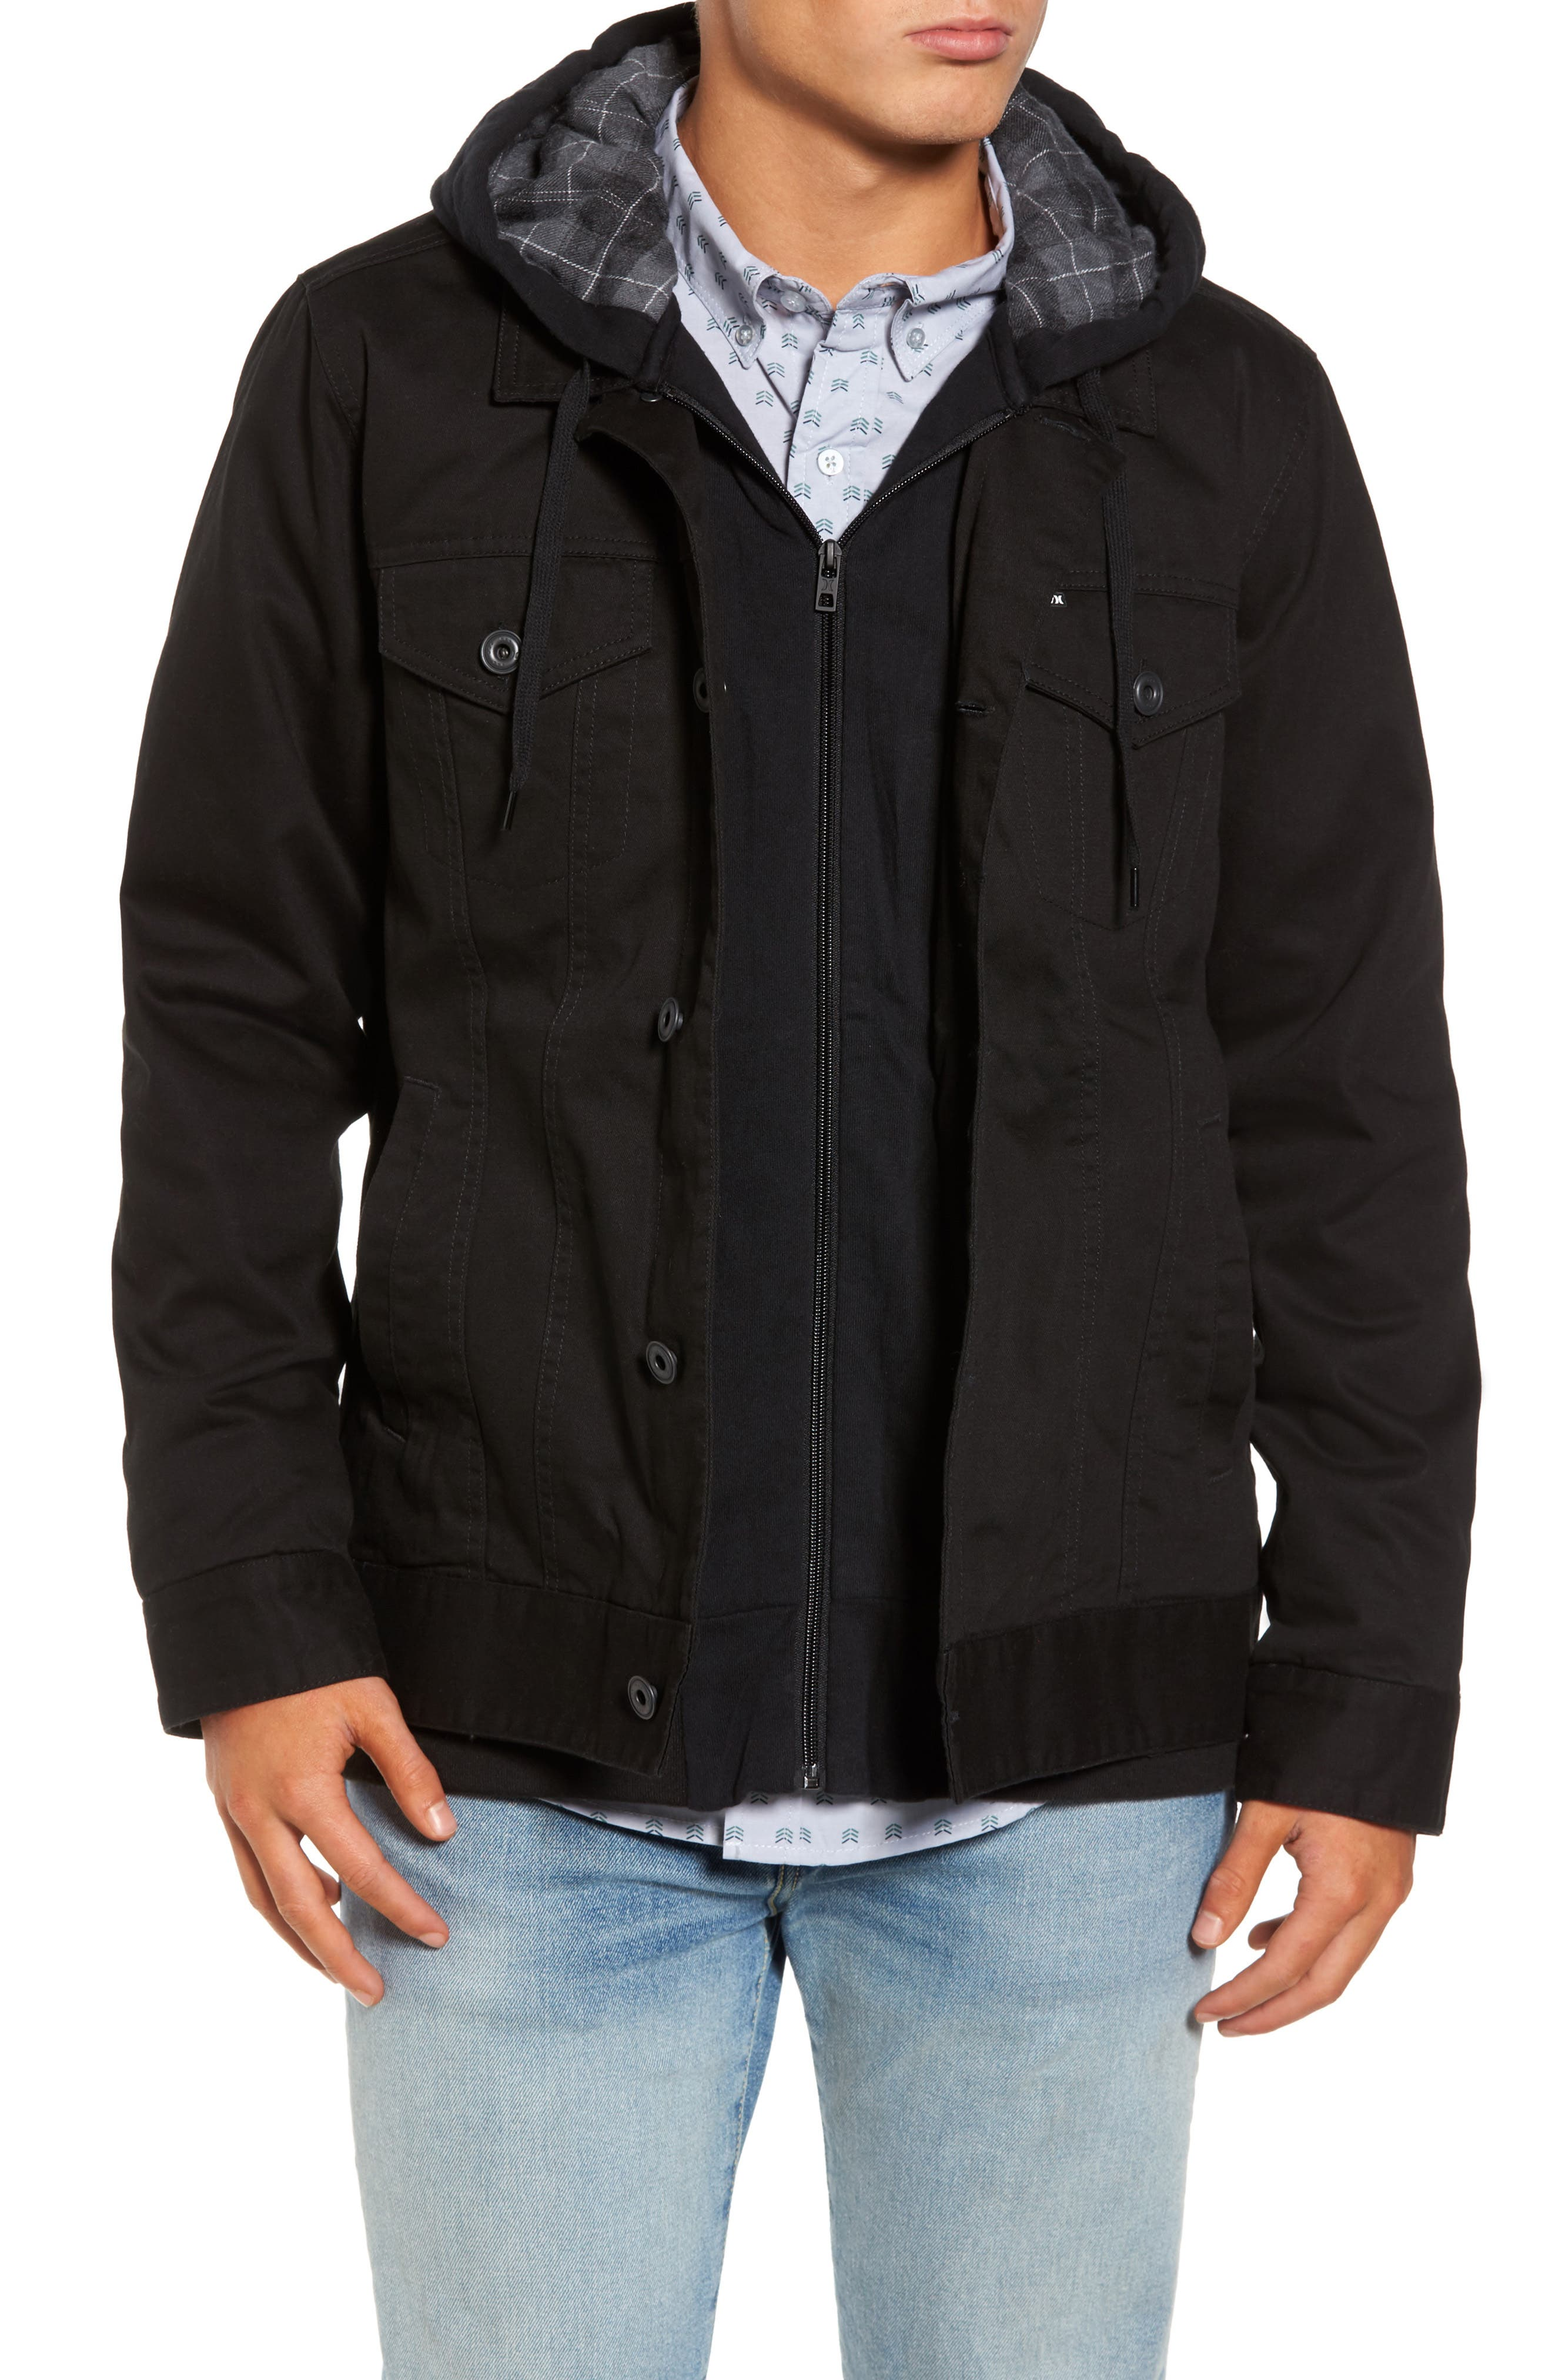 Hurley Mac Trucker 3.0 Hooded Jacket